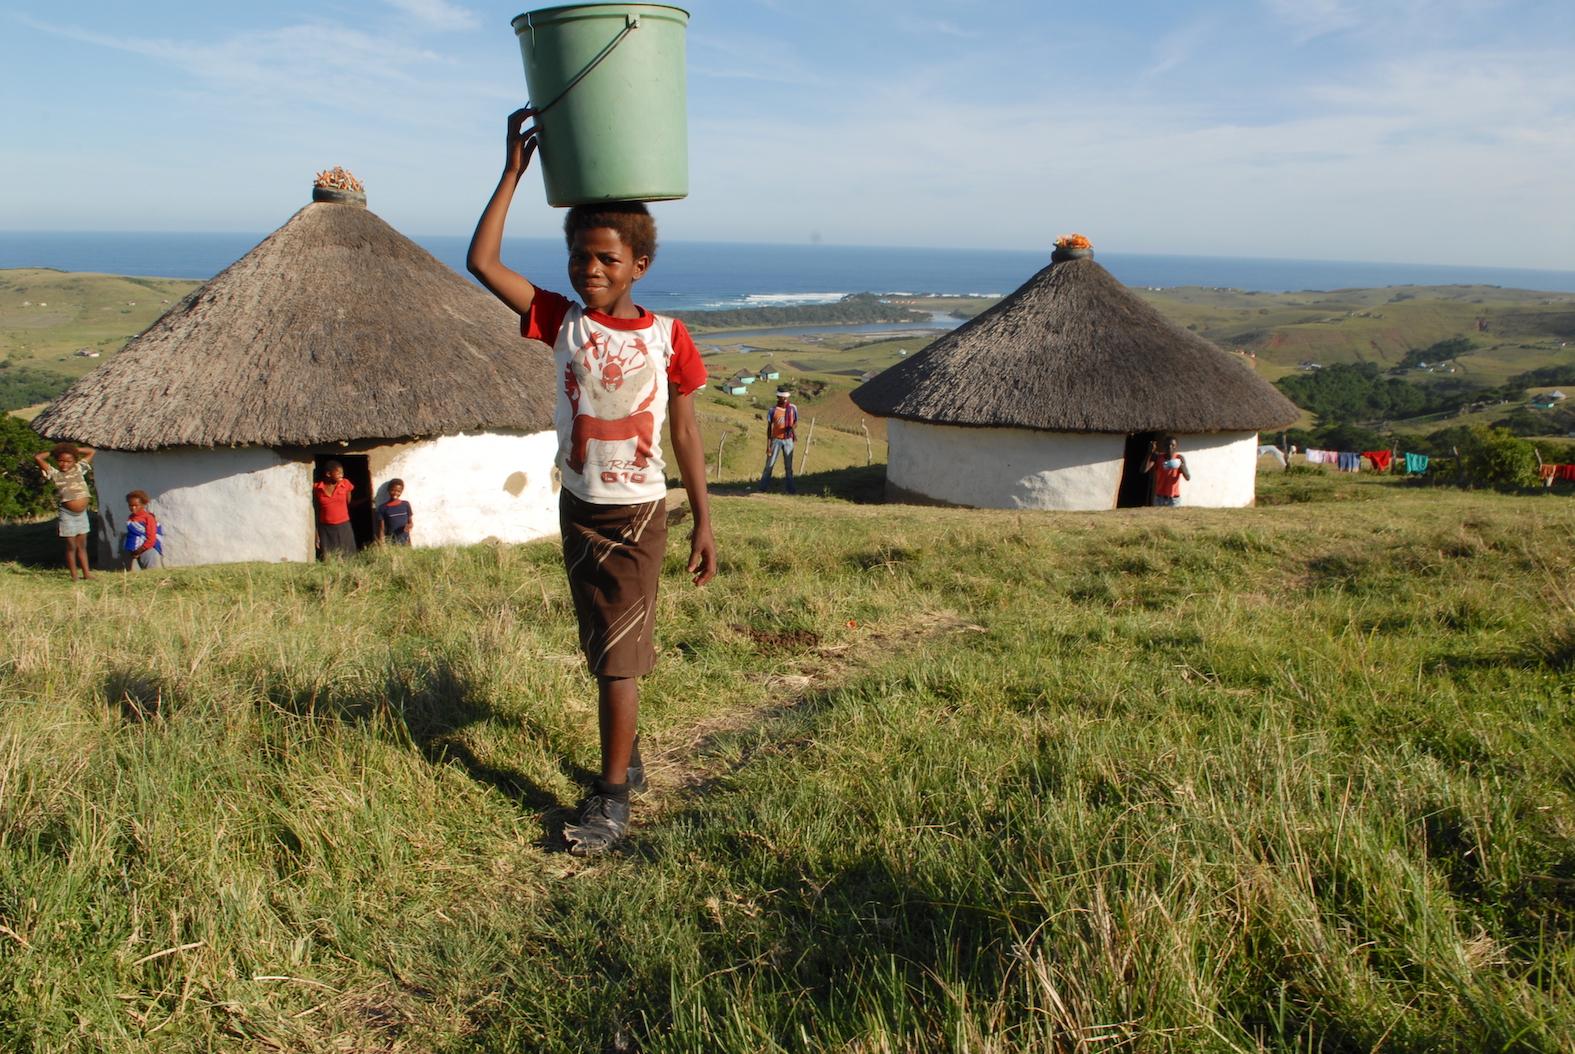 Fotografiereis Zuid-Afrika door Tom van der Leij rondreis Transkei en Wildcoast Xhosa dorpje